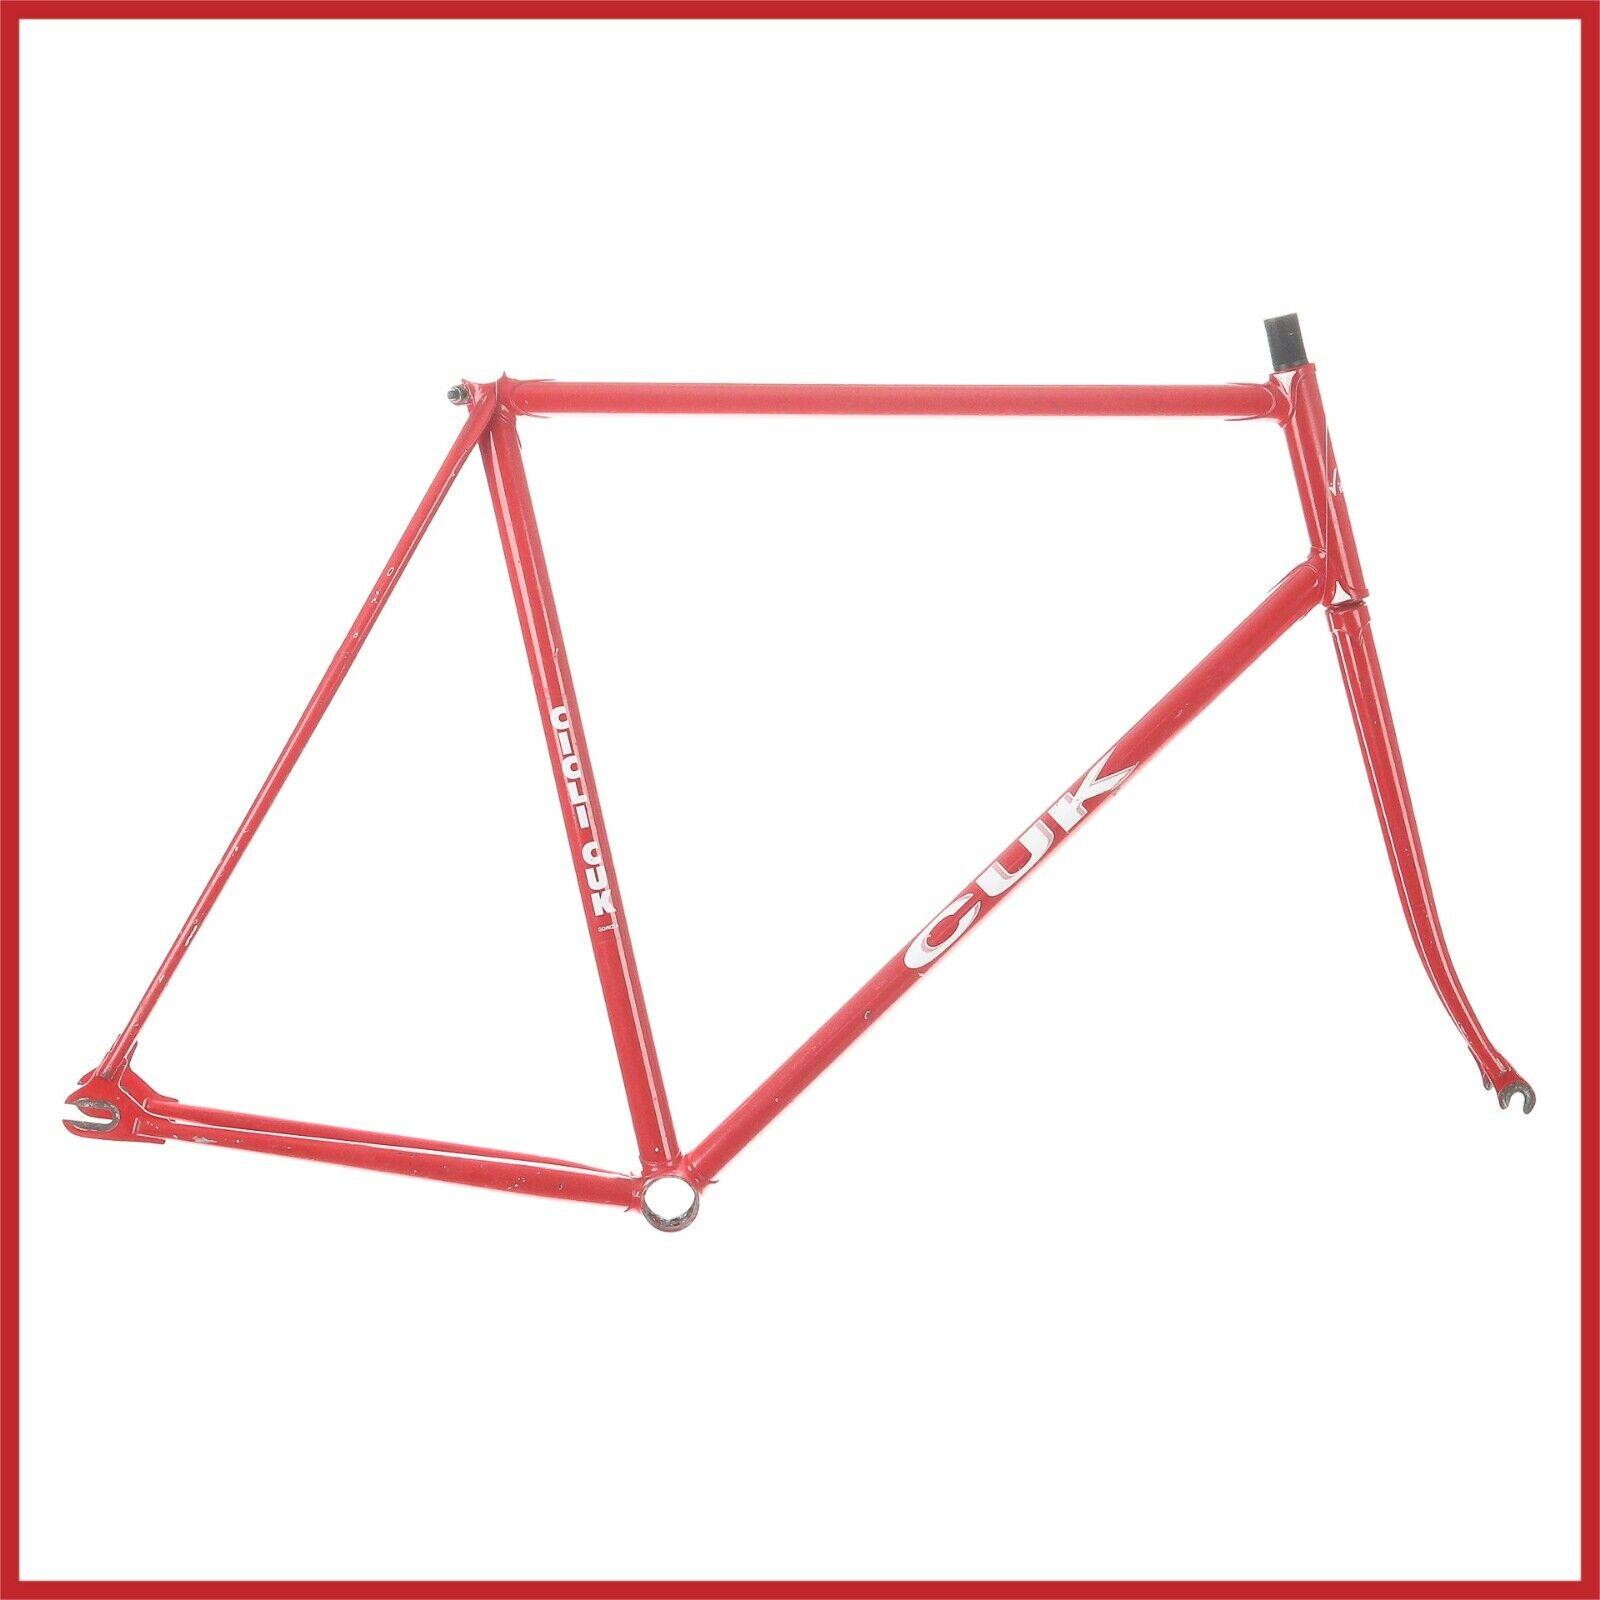 CUK pista Acero COLUMBUS SL Marco Marco 80s Lugs CAMPAGNOLO Vintage Antiguo Bicicleta